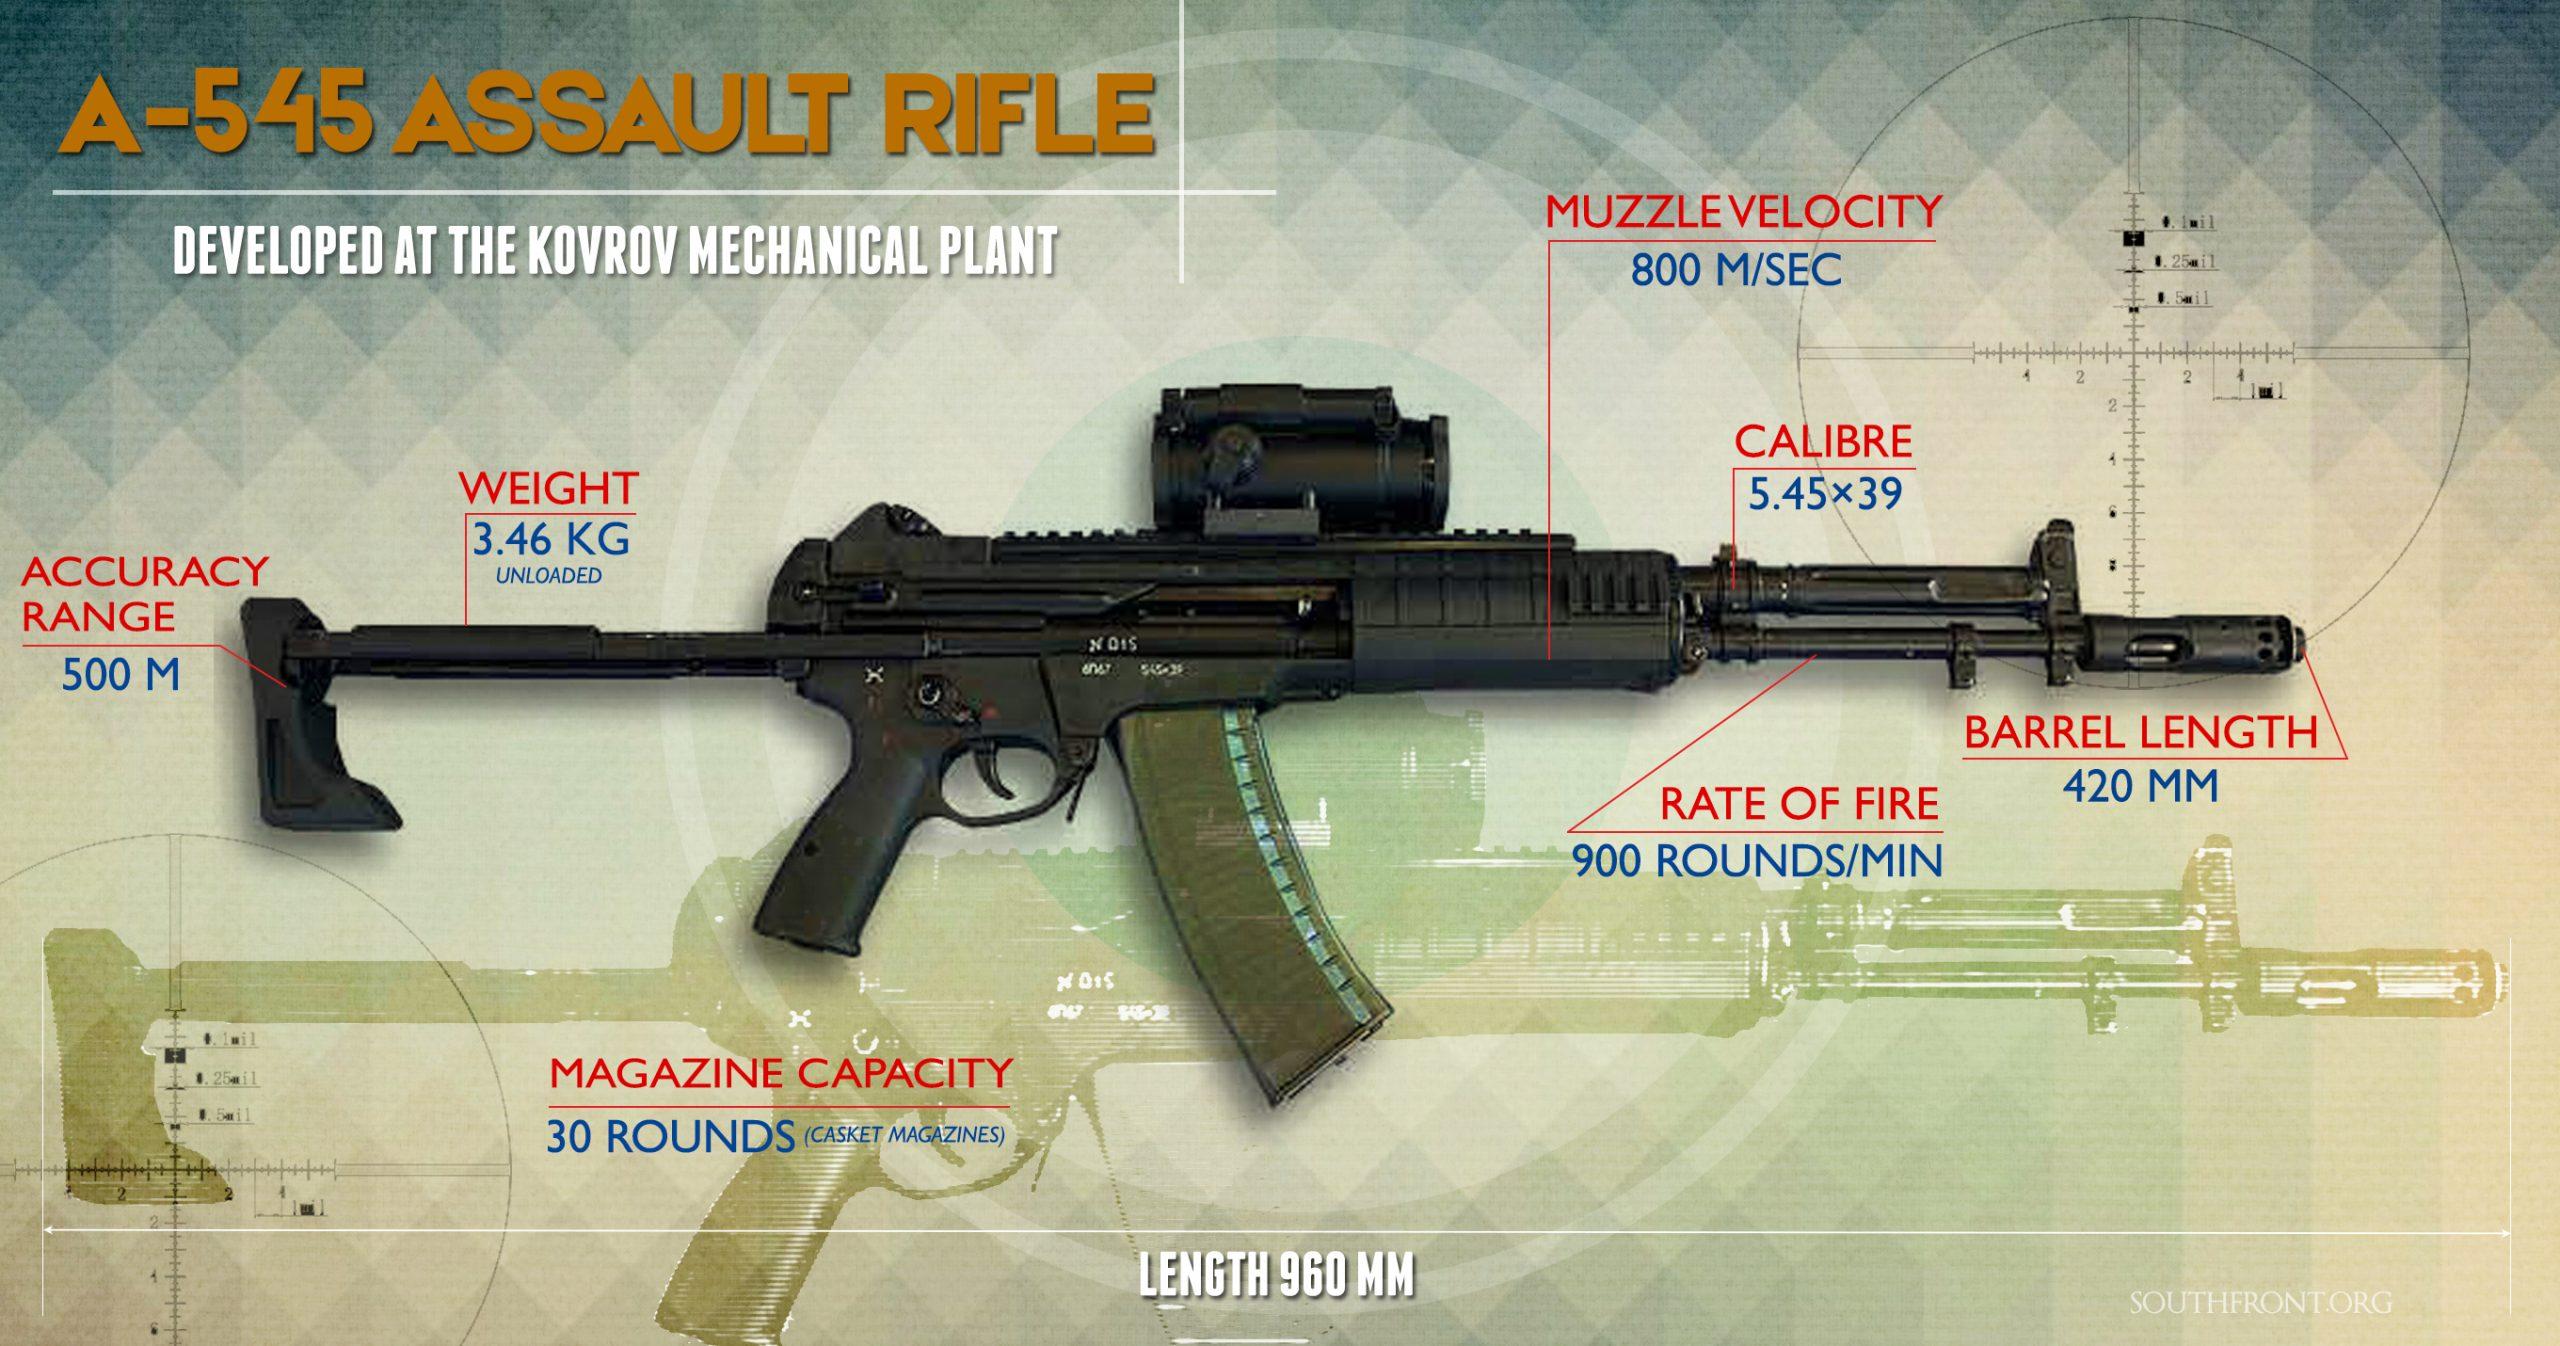 Ξεκινά η παραγωγή του Α-545: Το νέο αυτόματο πυροβόλο της Ρωσίας